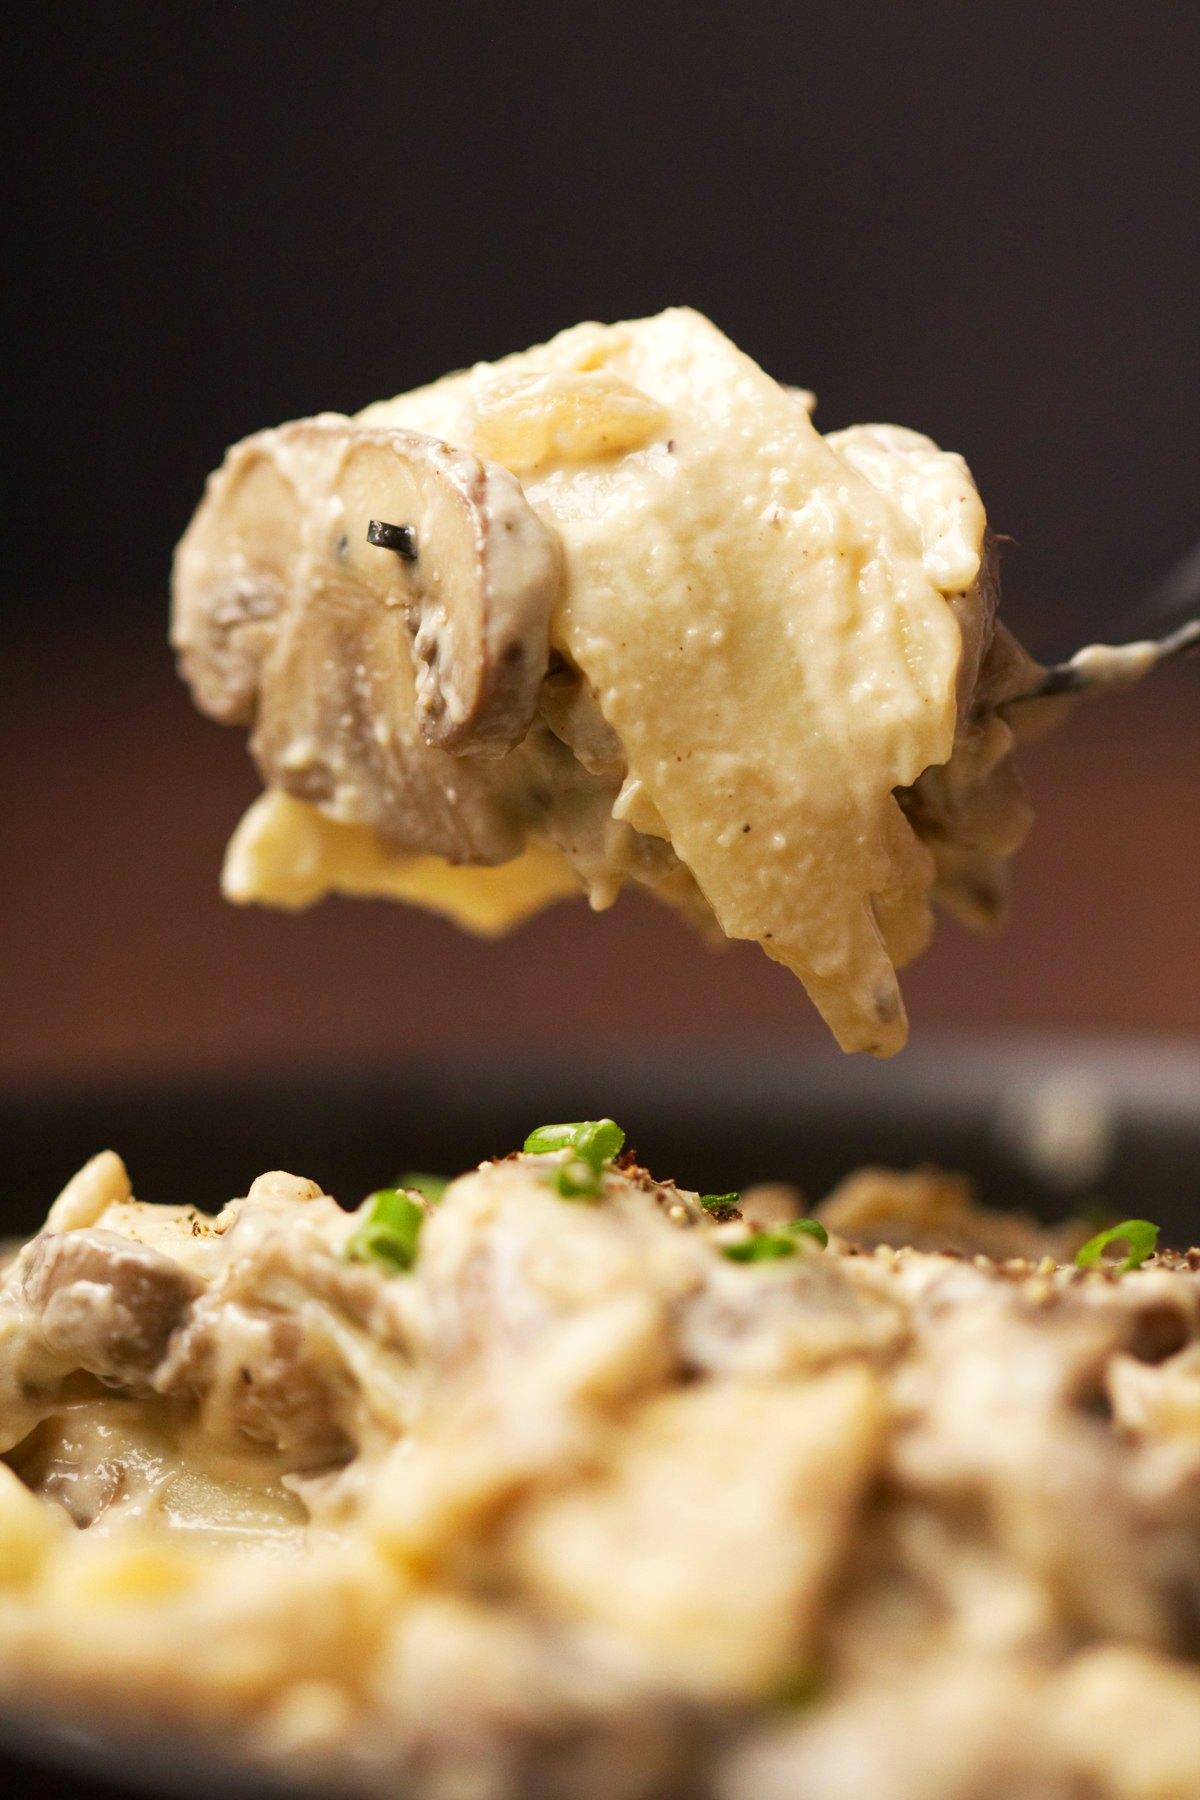 A forkful of vegan mushroom stroganoff.